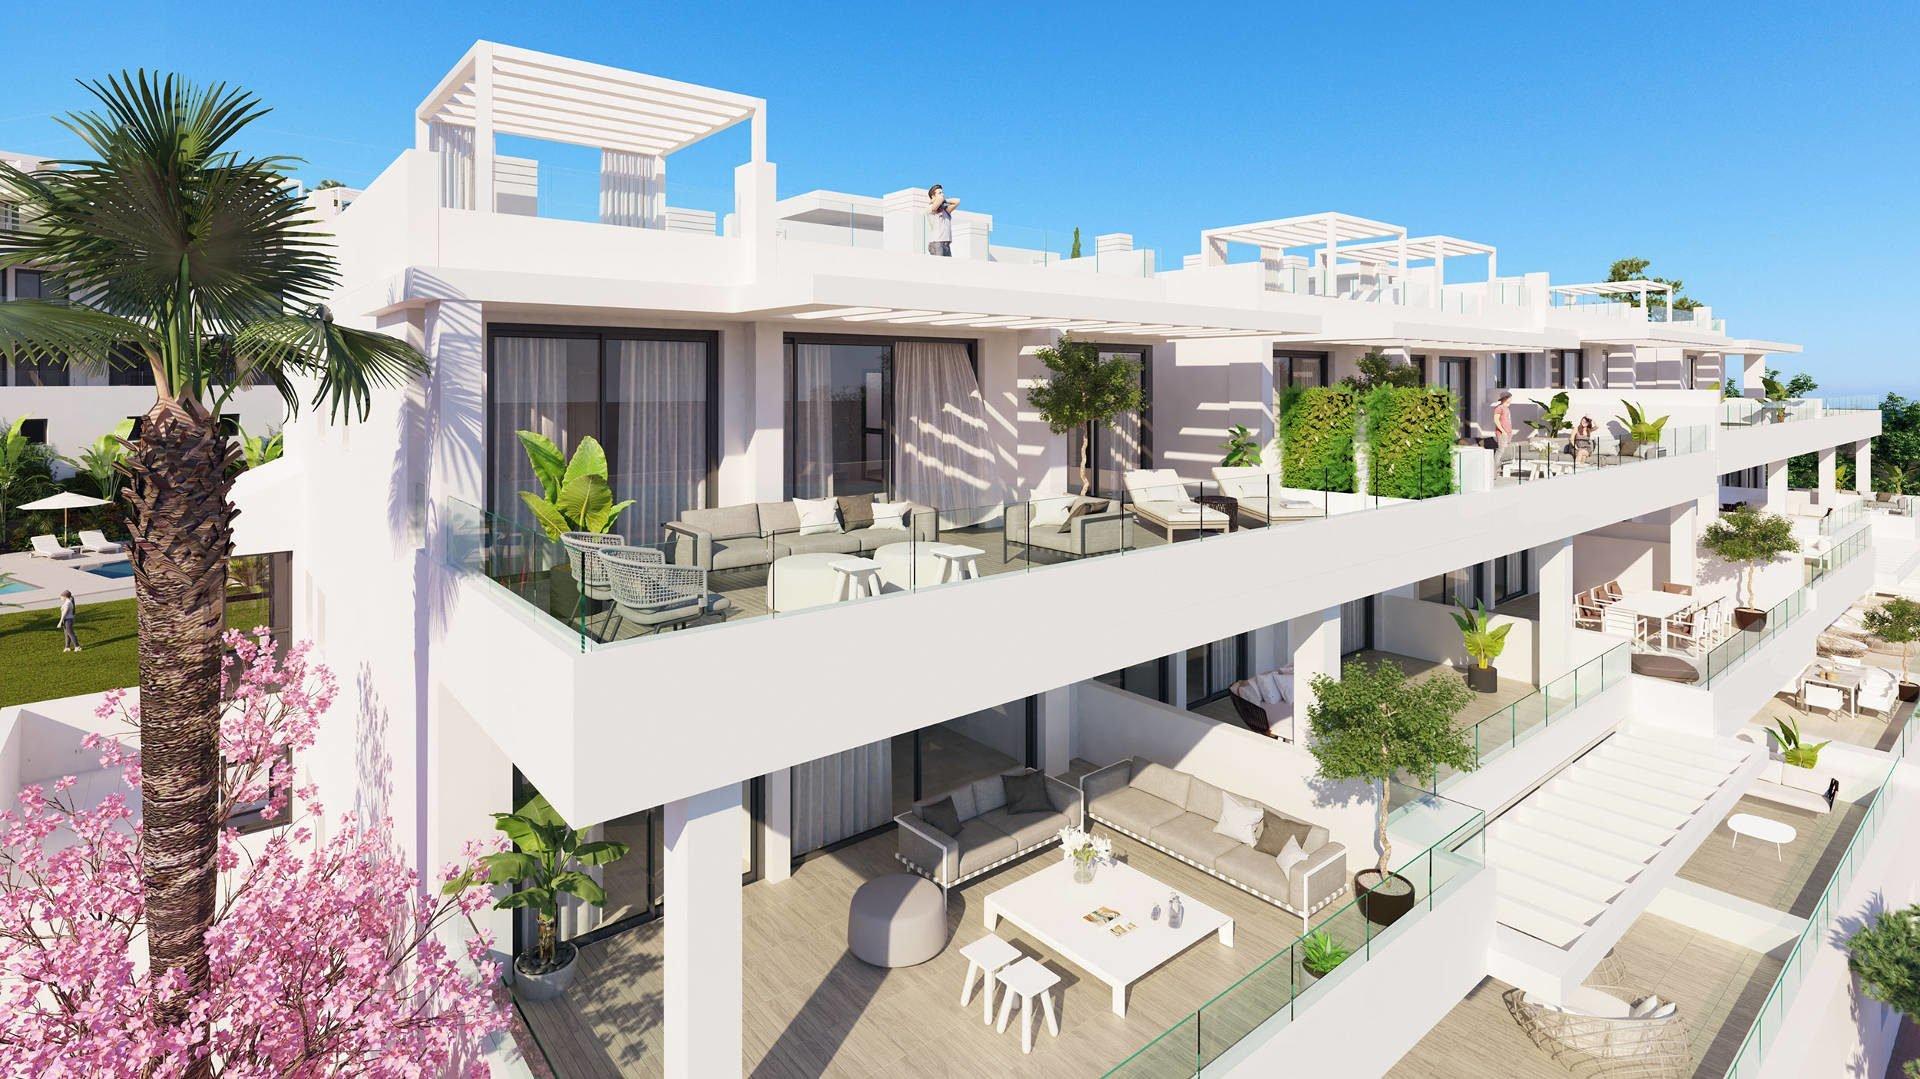 Apartments Estepona